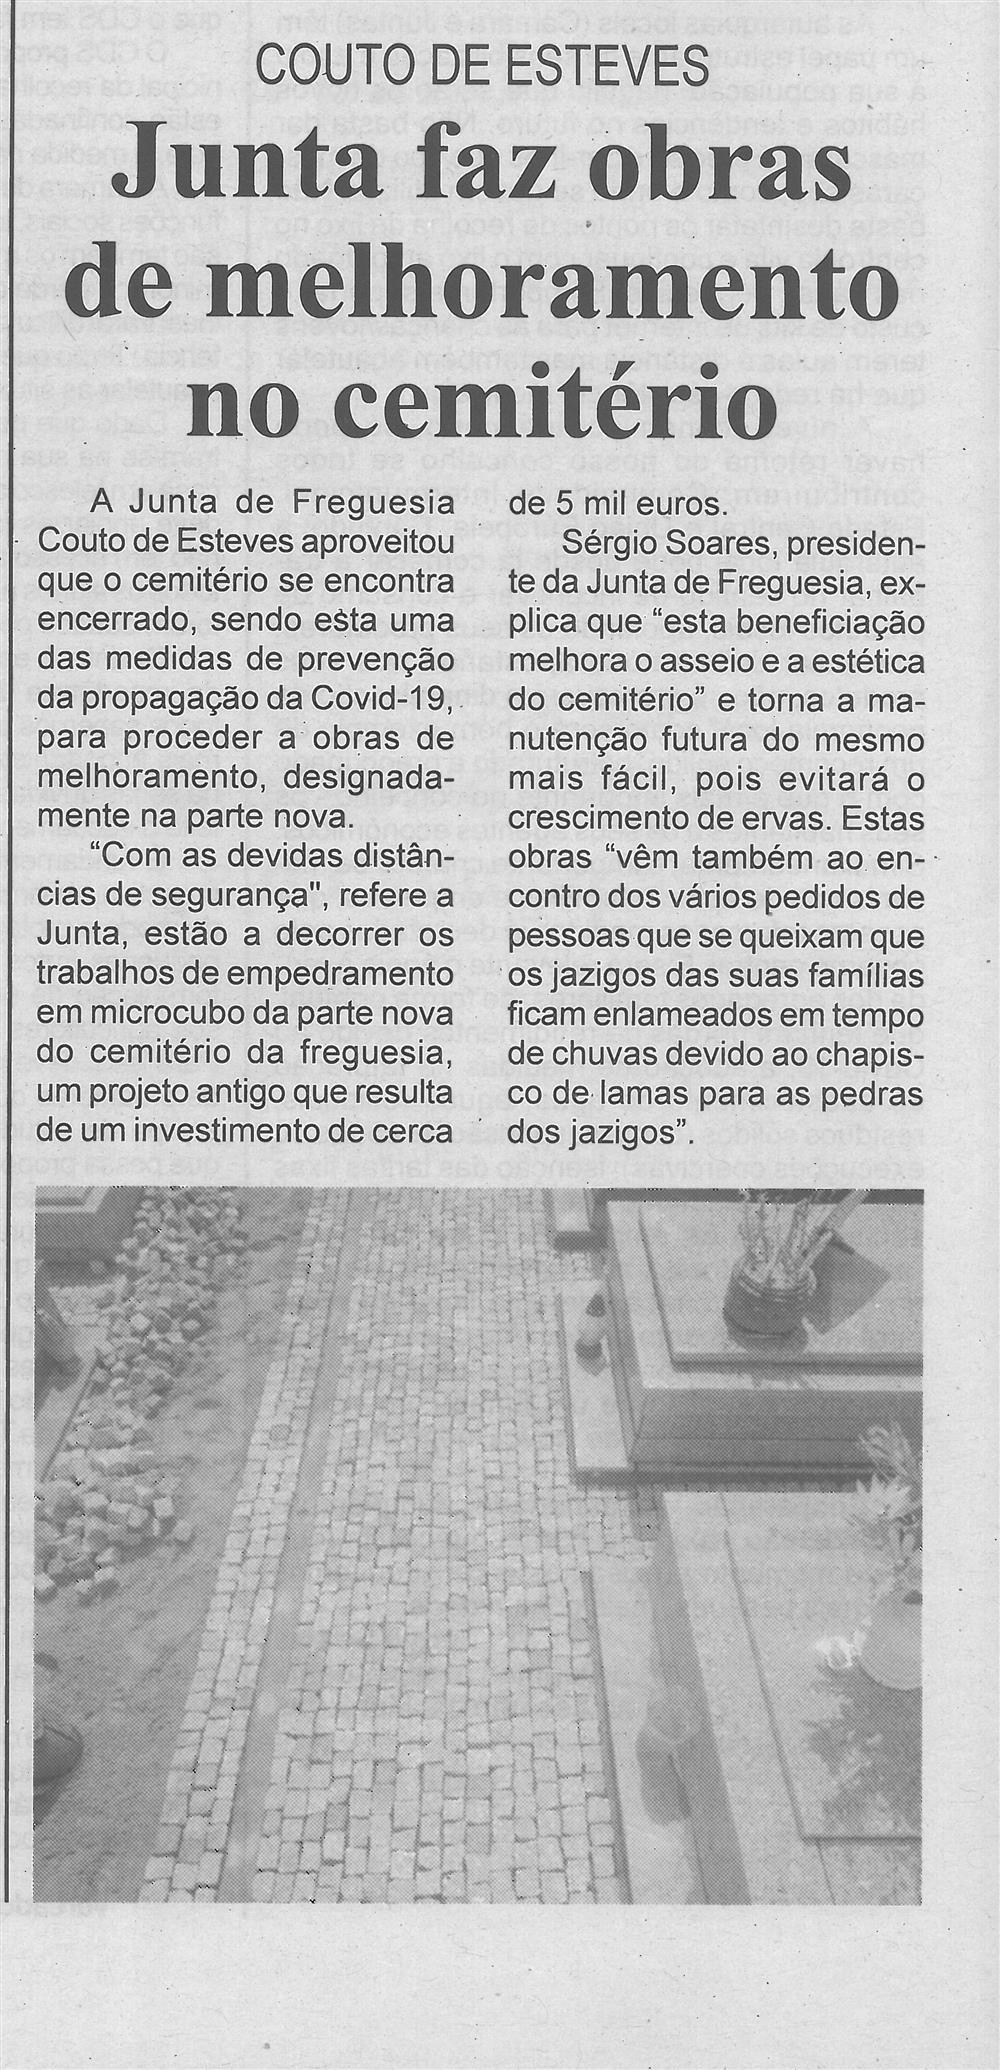 BV-1.ªmaio'20-p.4-Couto de Esteves : Junta faz obras de melhoramento no cemotário.jpg